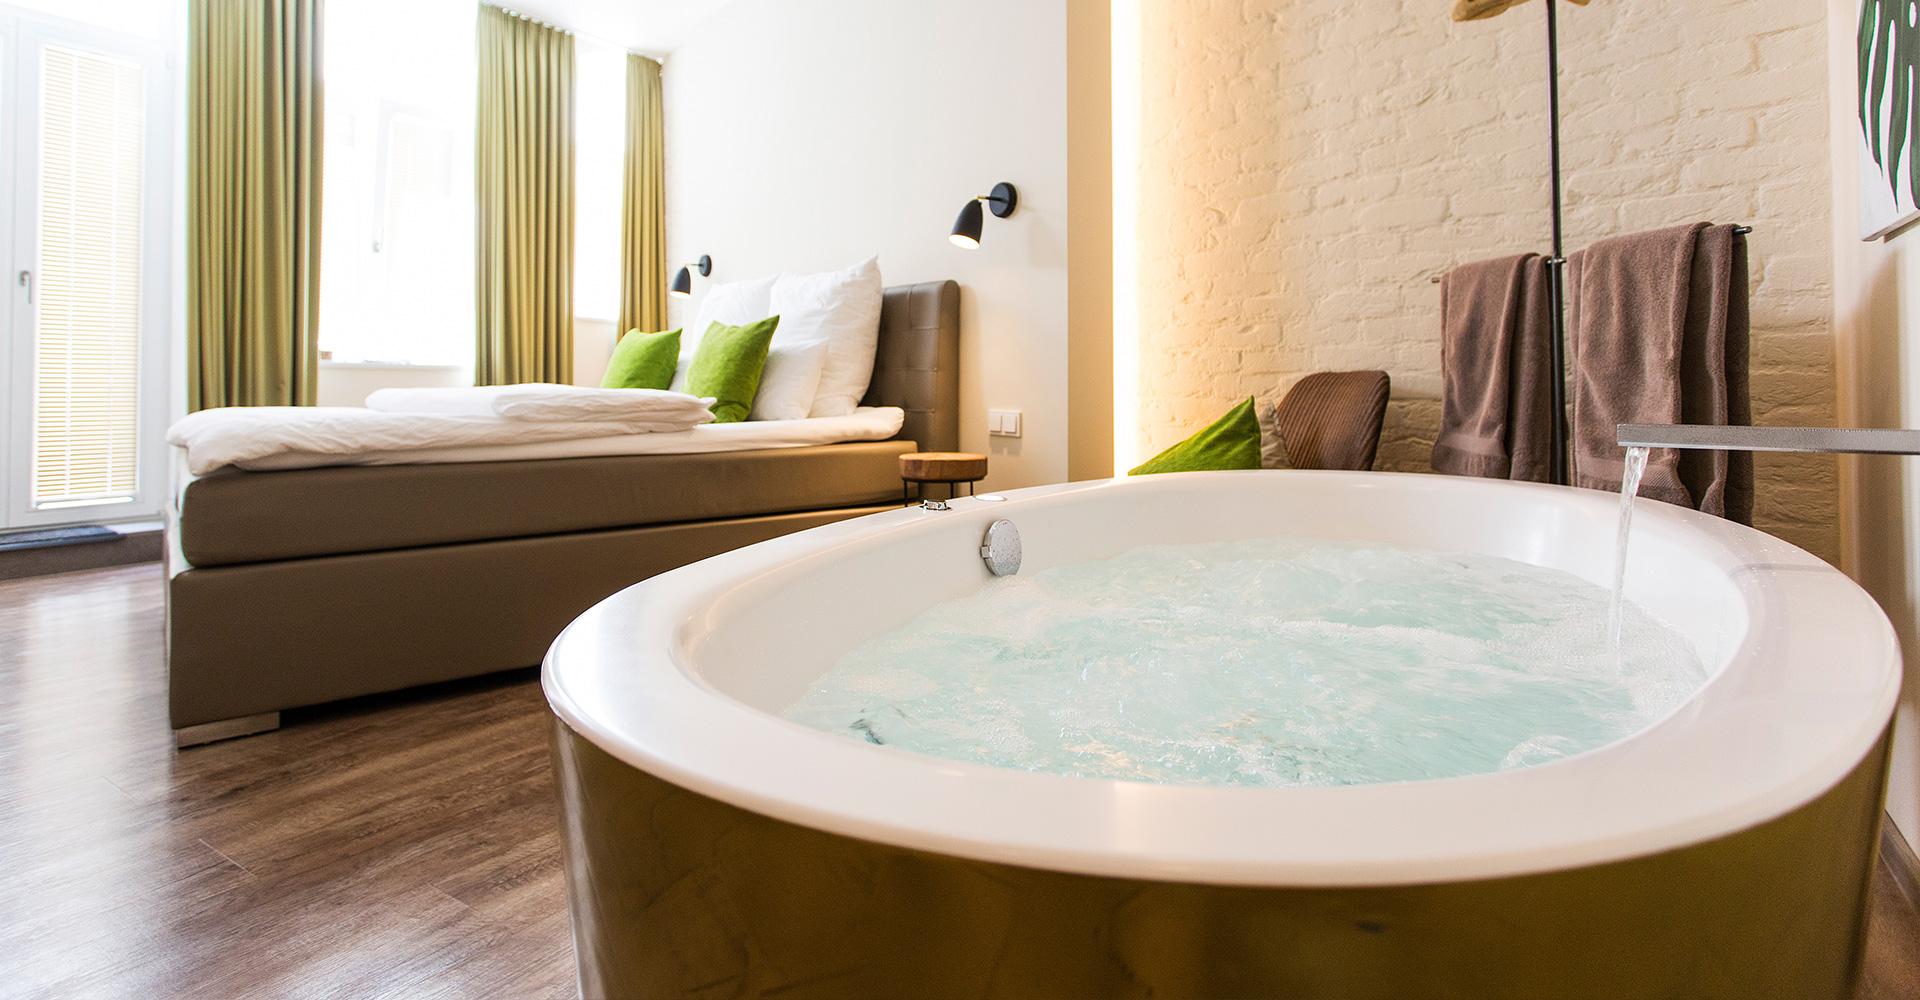 1st floor k ln einzigartige minihotels mit whirlpoolzimmern for Zimmer mit whirlpool nrw